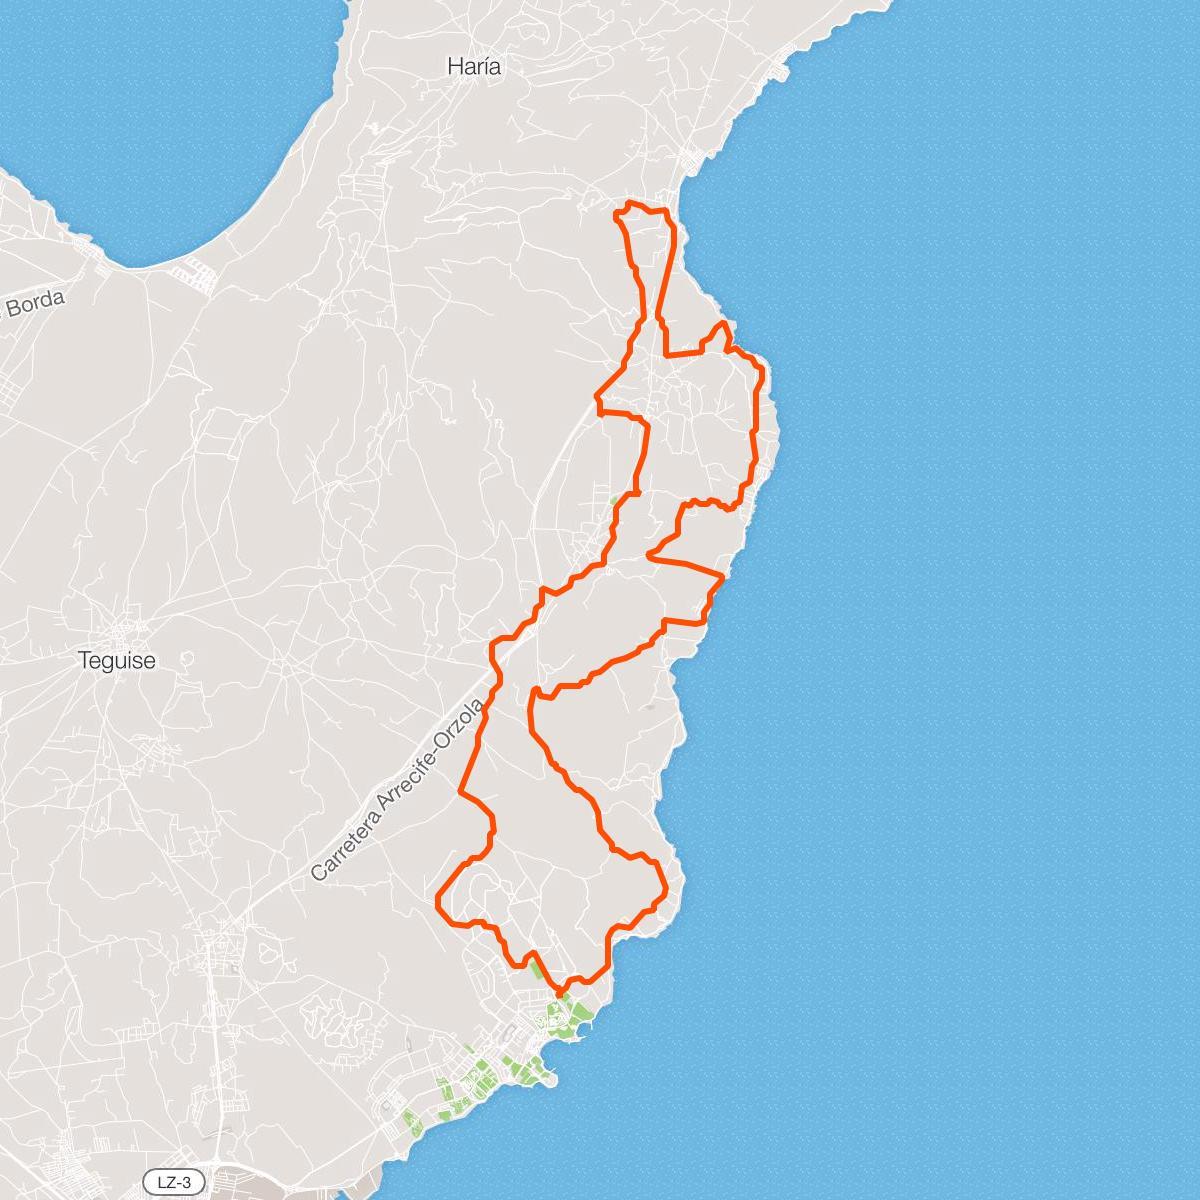 Entrenamiento para triathlon en Lanzarote | ACTraining | Tours MTB en Lanzarote